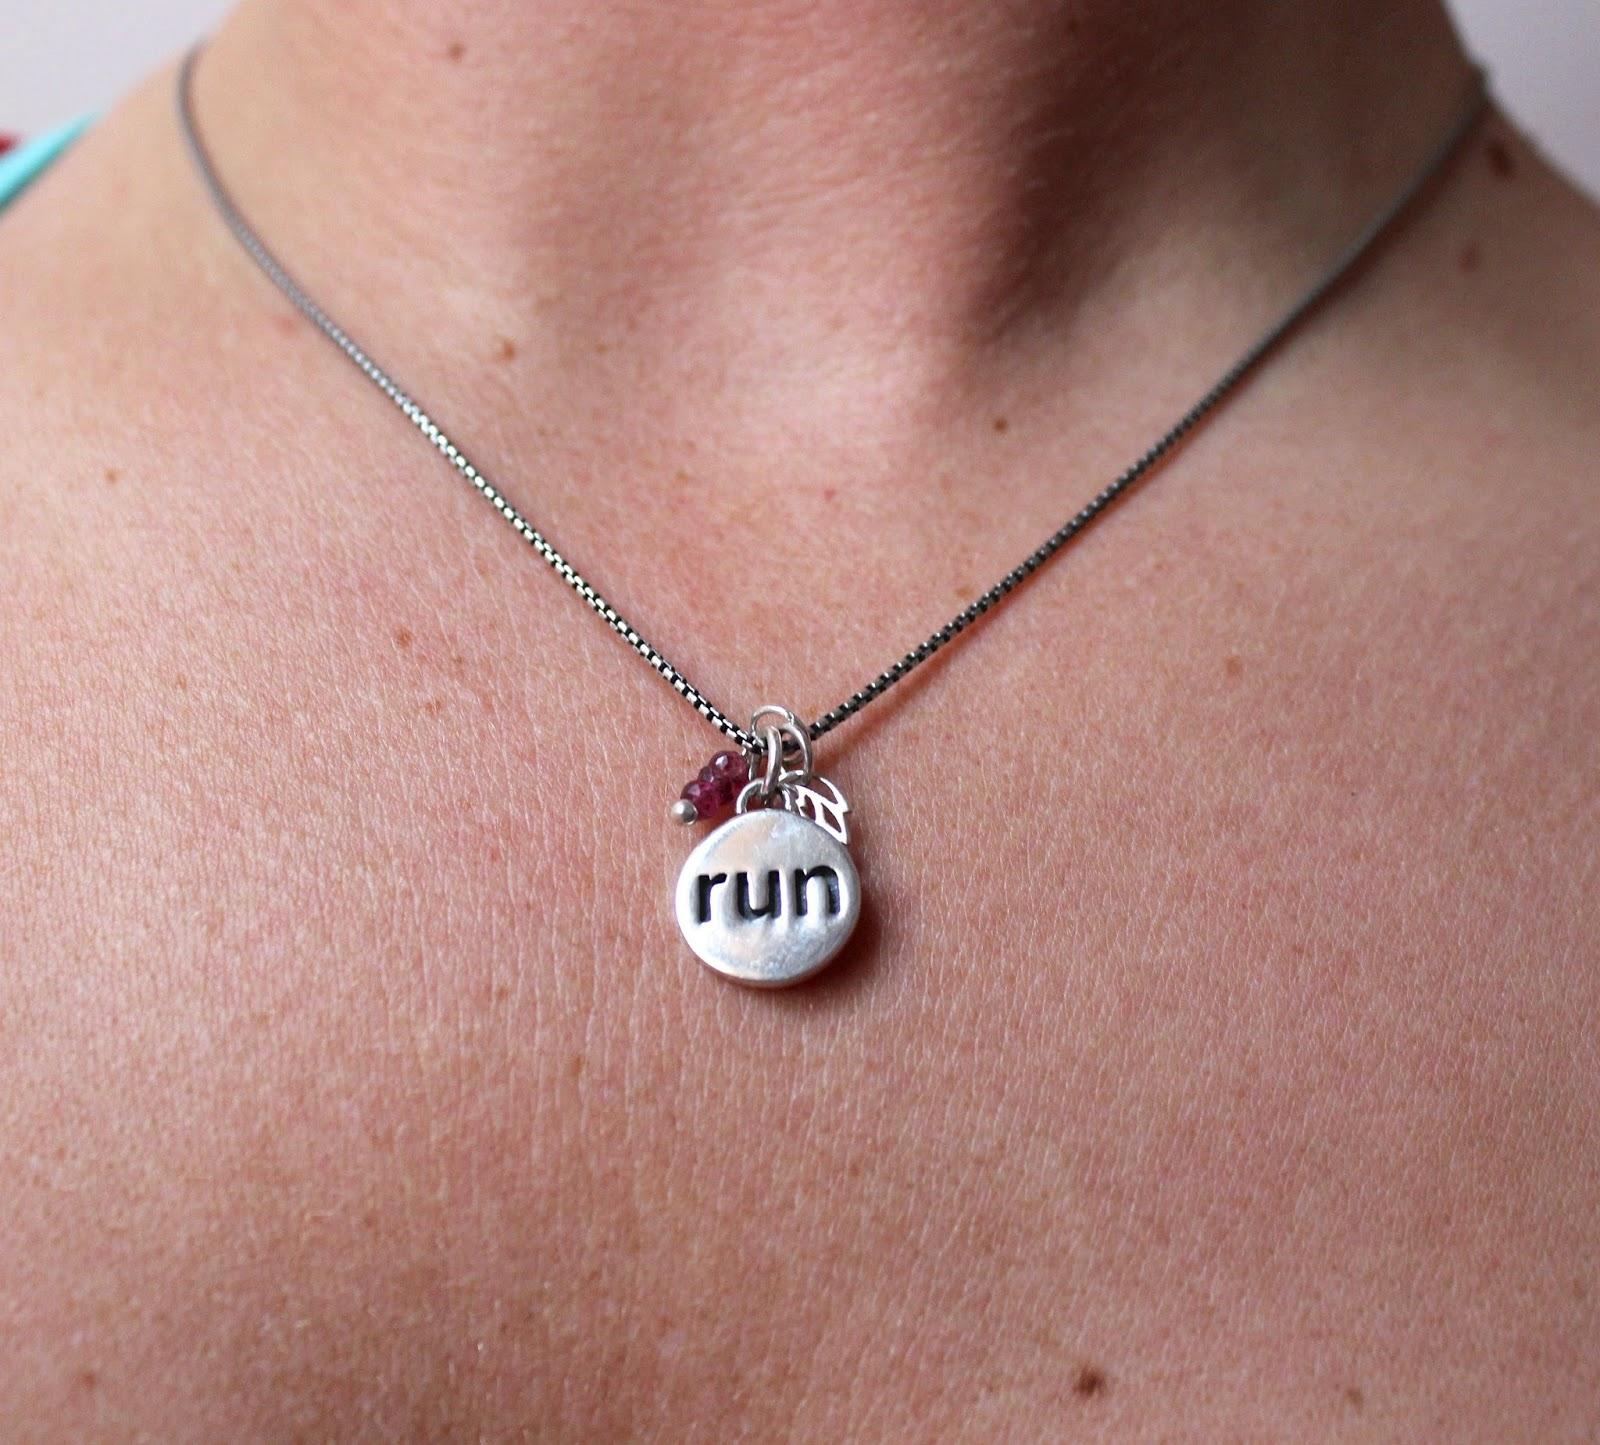 Inspired Jewelry Running of Running Jewelry Whether